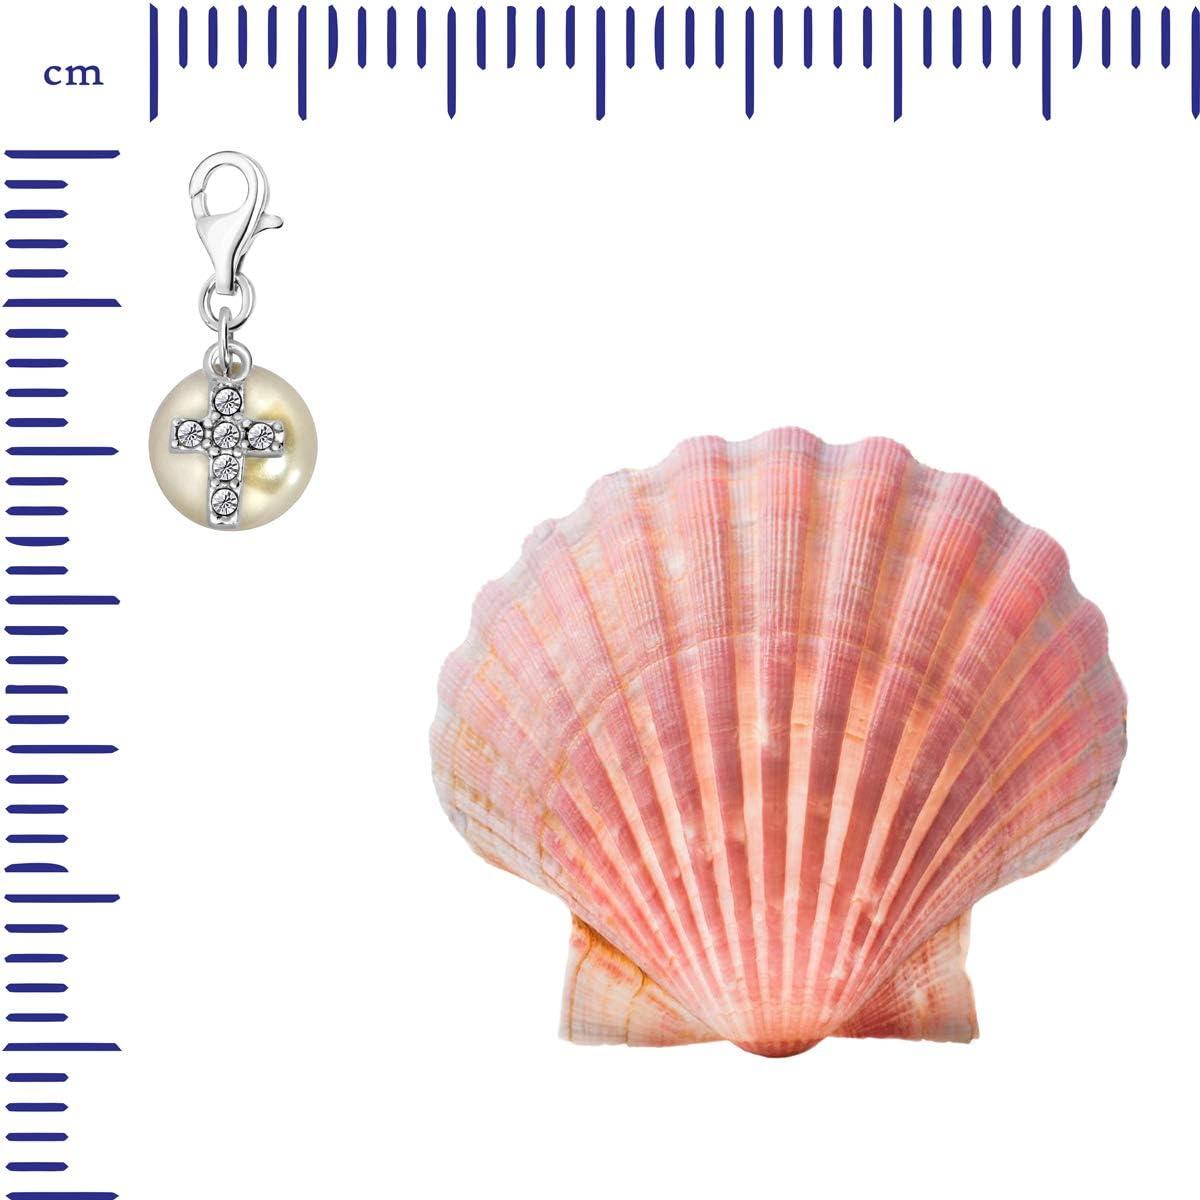 Quiges Charm Pendentif Perle avec Fermoir Femme Argent 925 /Étoile de David avec Oxyde de Zirconium Blanche